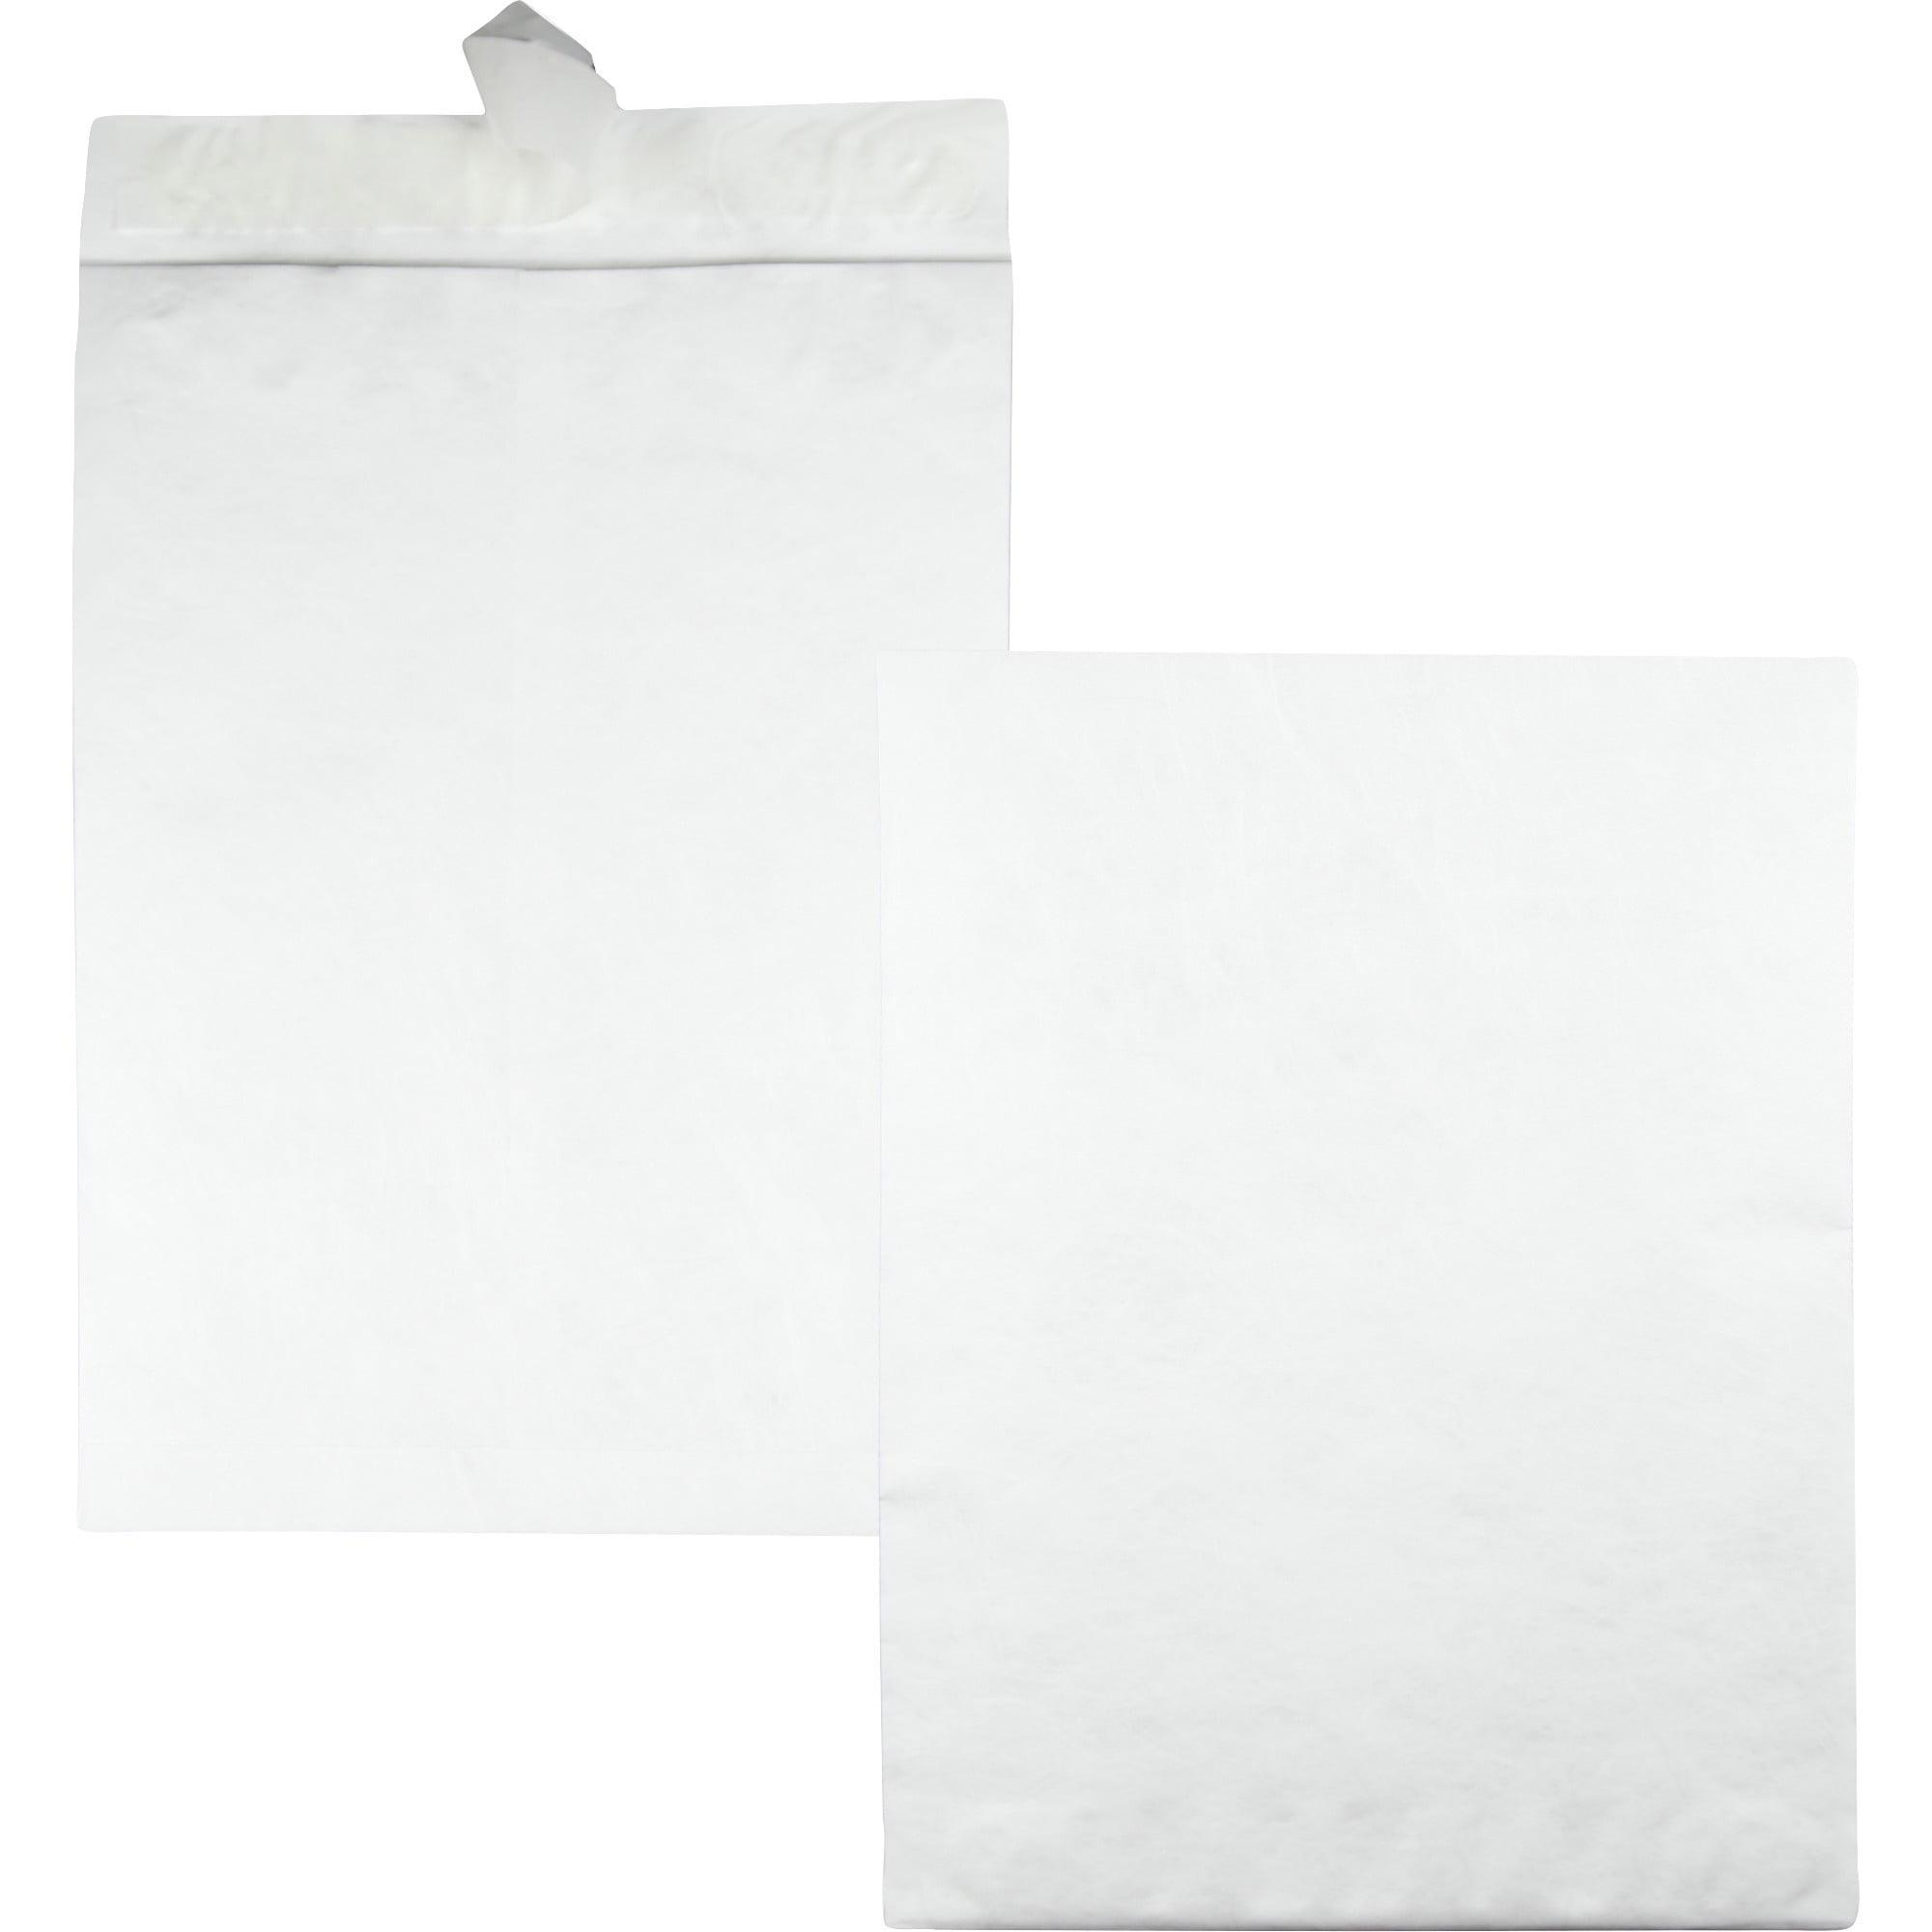 Quality Park, QUAR5106, Tyvek Jumbo Survivor Envelopes, 25 / Box, White